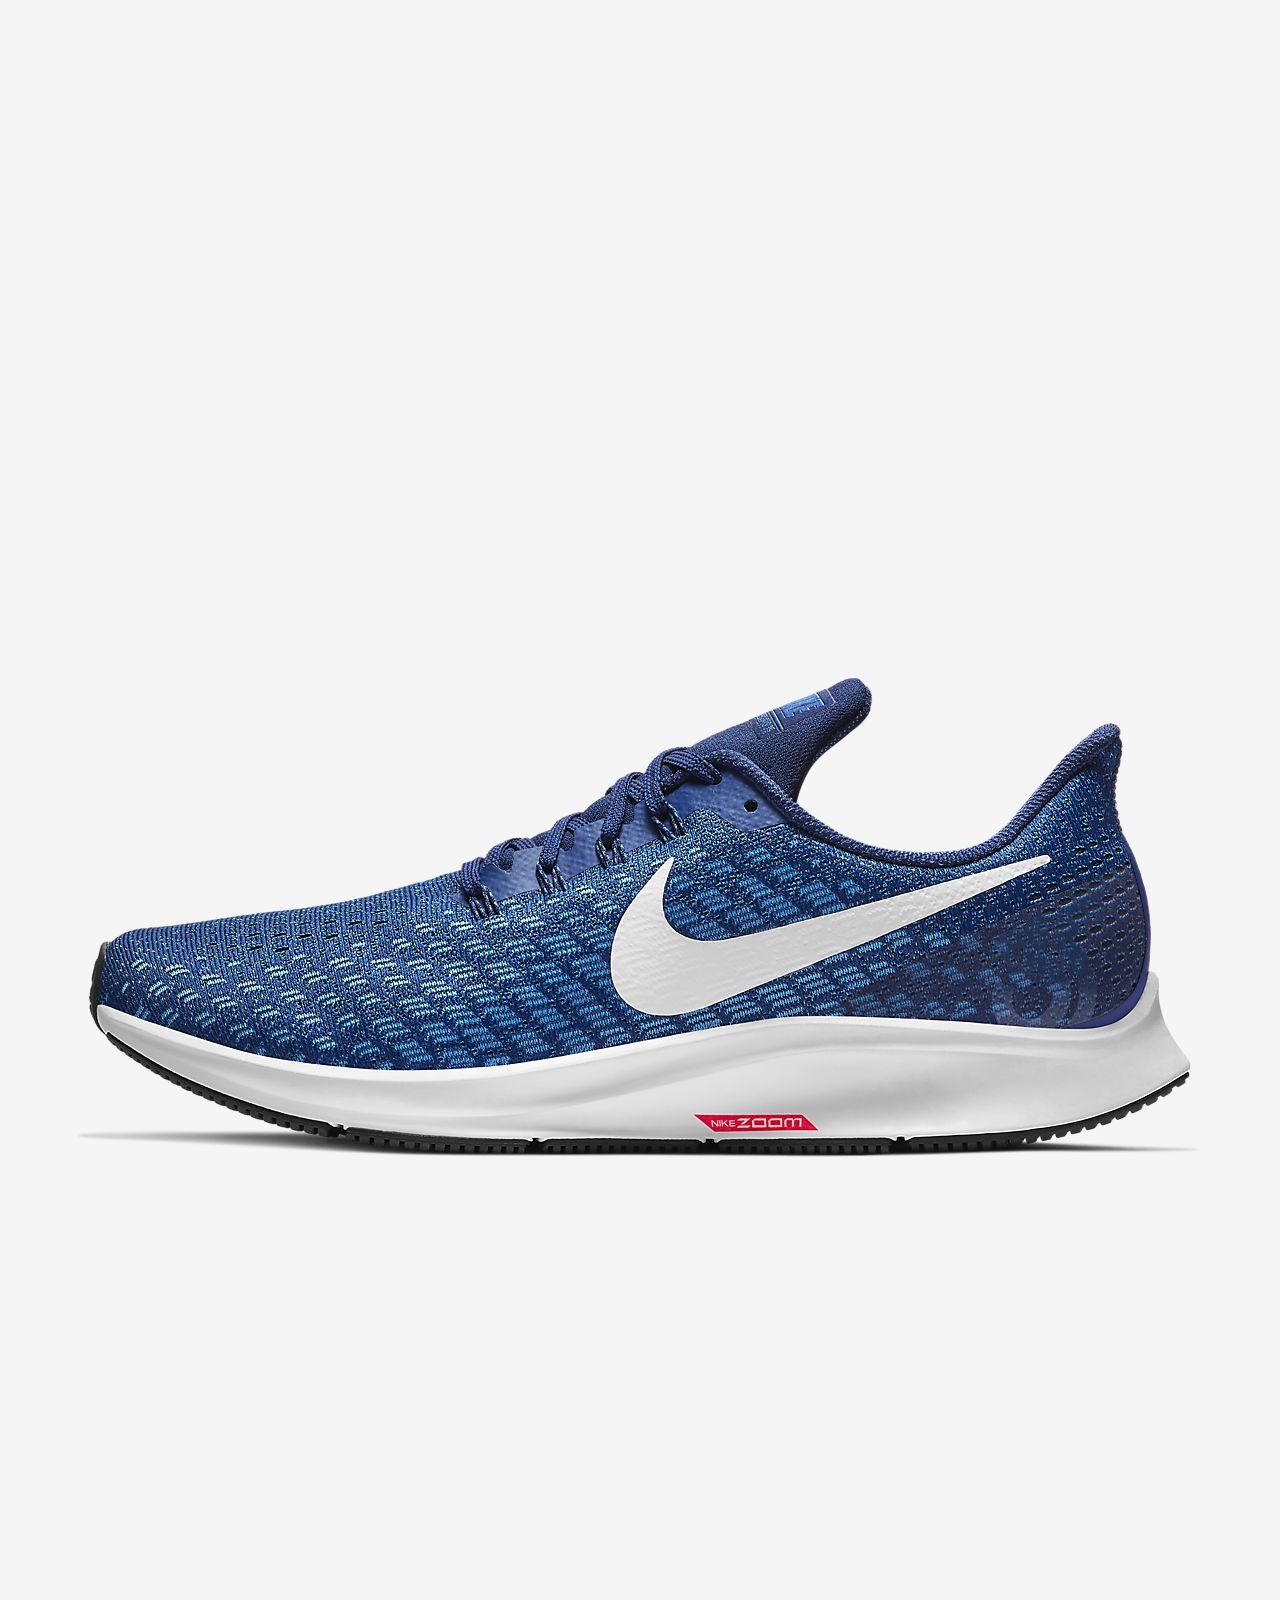 online store 99ad6 f3733 ... Nike Air Zoom Pegasus 35 løpesko til herre